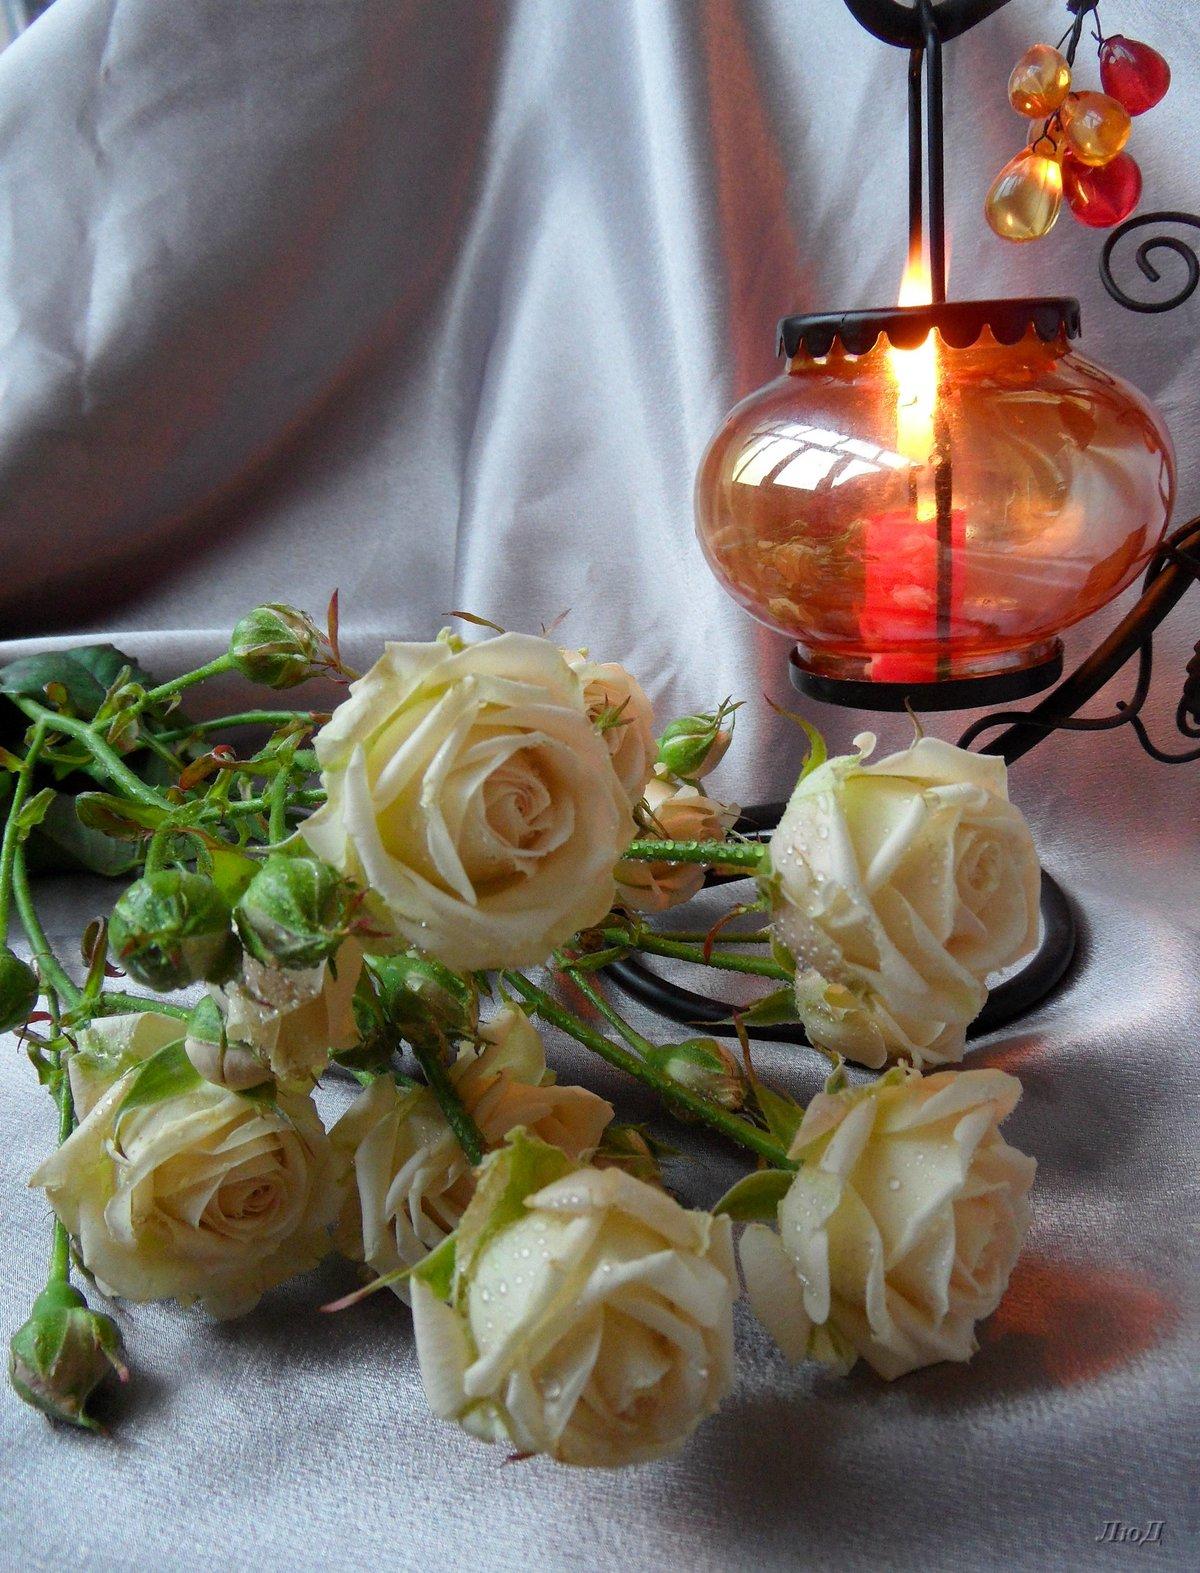 участков картинки с розами и свечами первое, по-моему